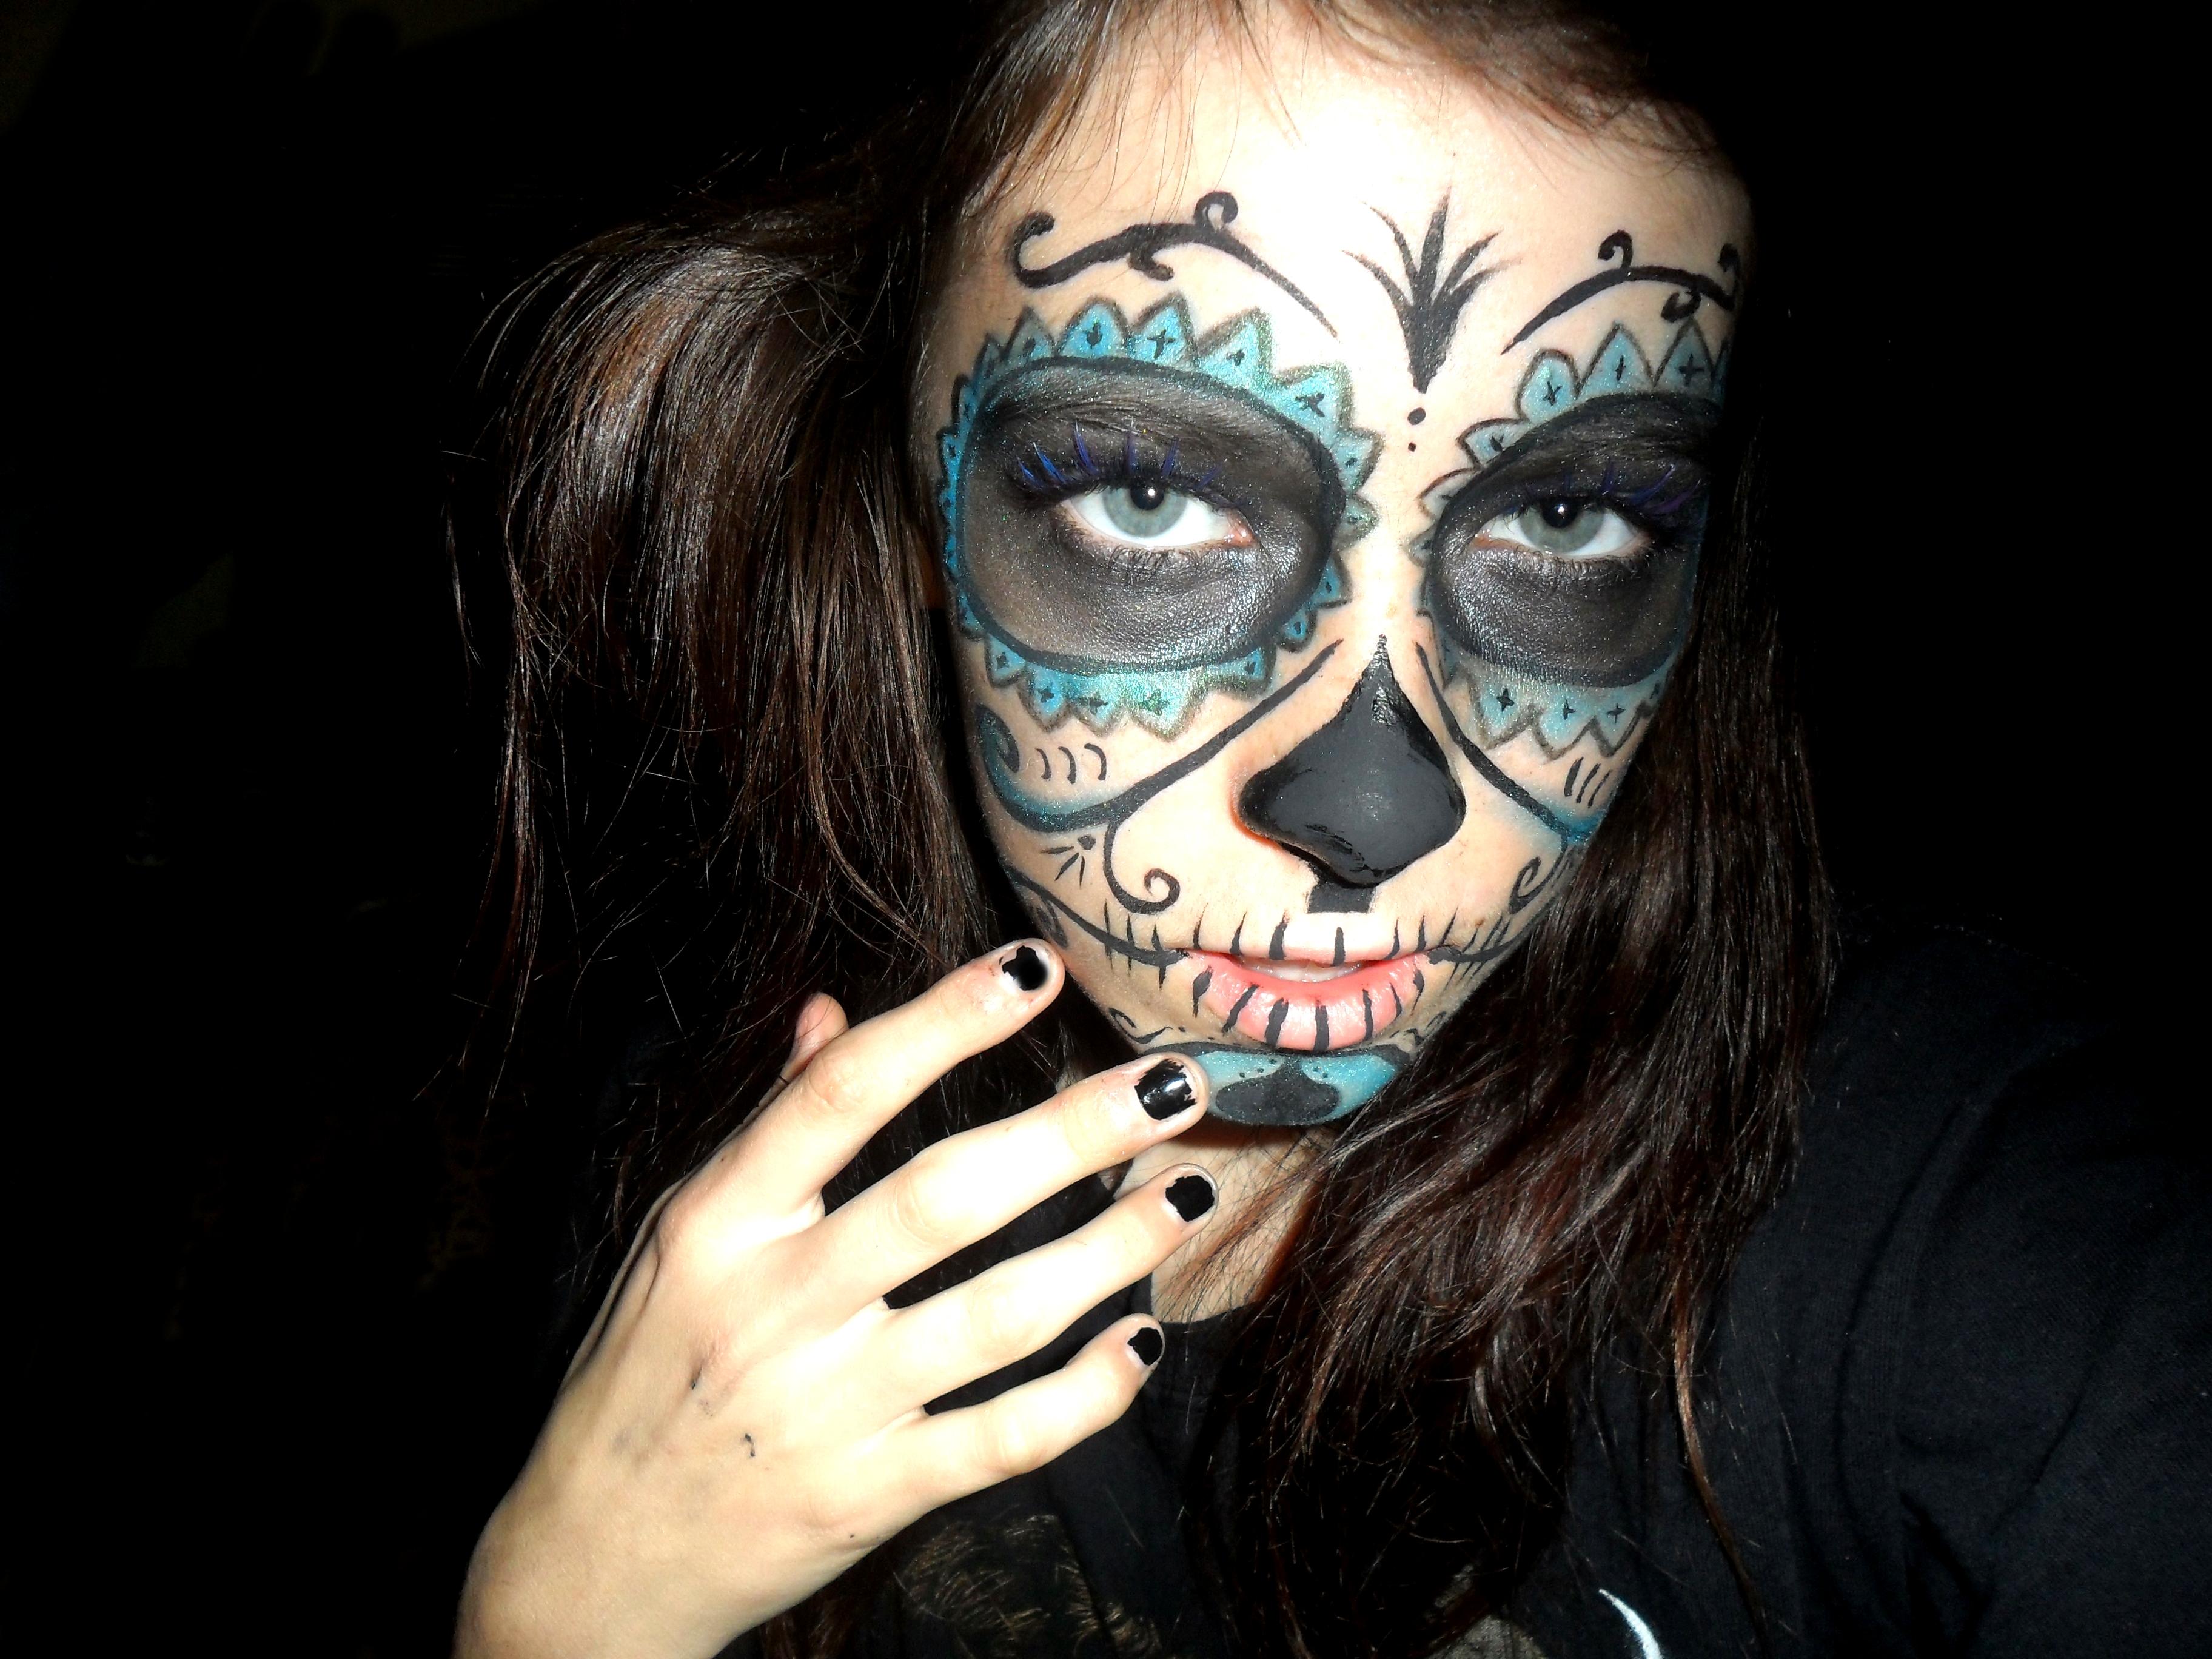 Skull makeup idea